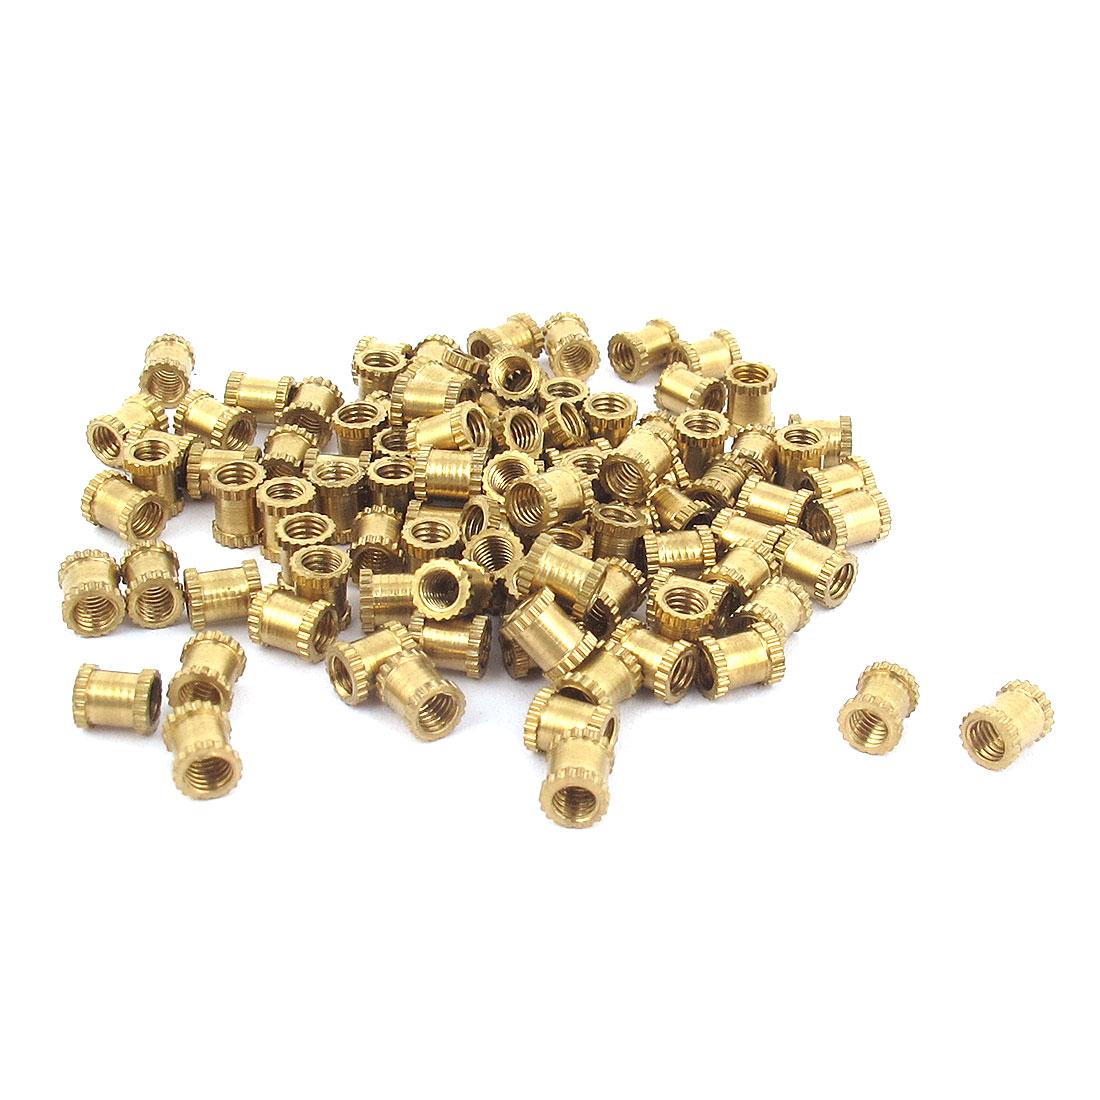 M3x5mm Threaded Round Metal Knurl Thread Insert Nuts Brass Tone 100Pcs